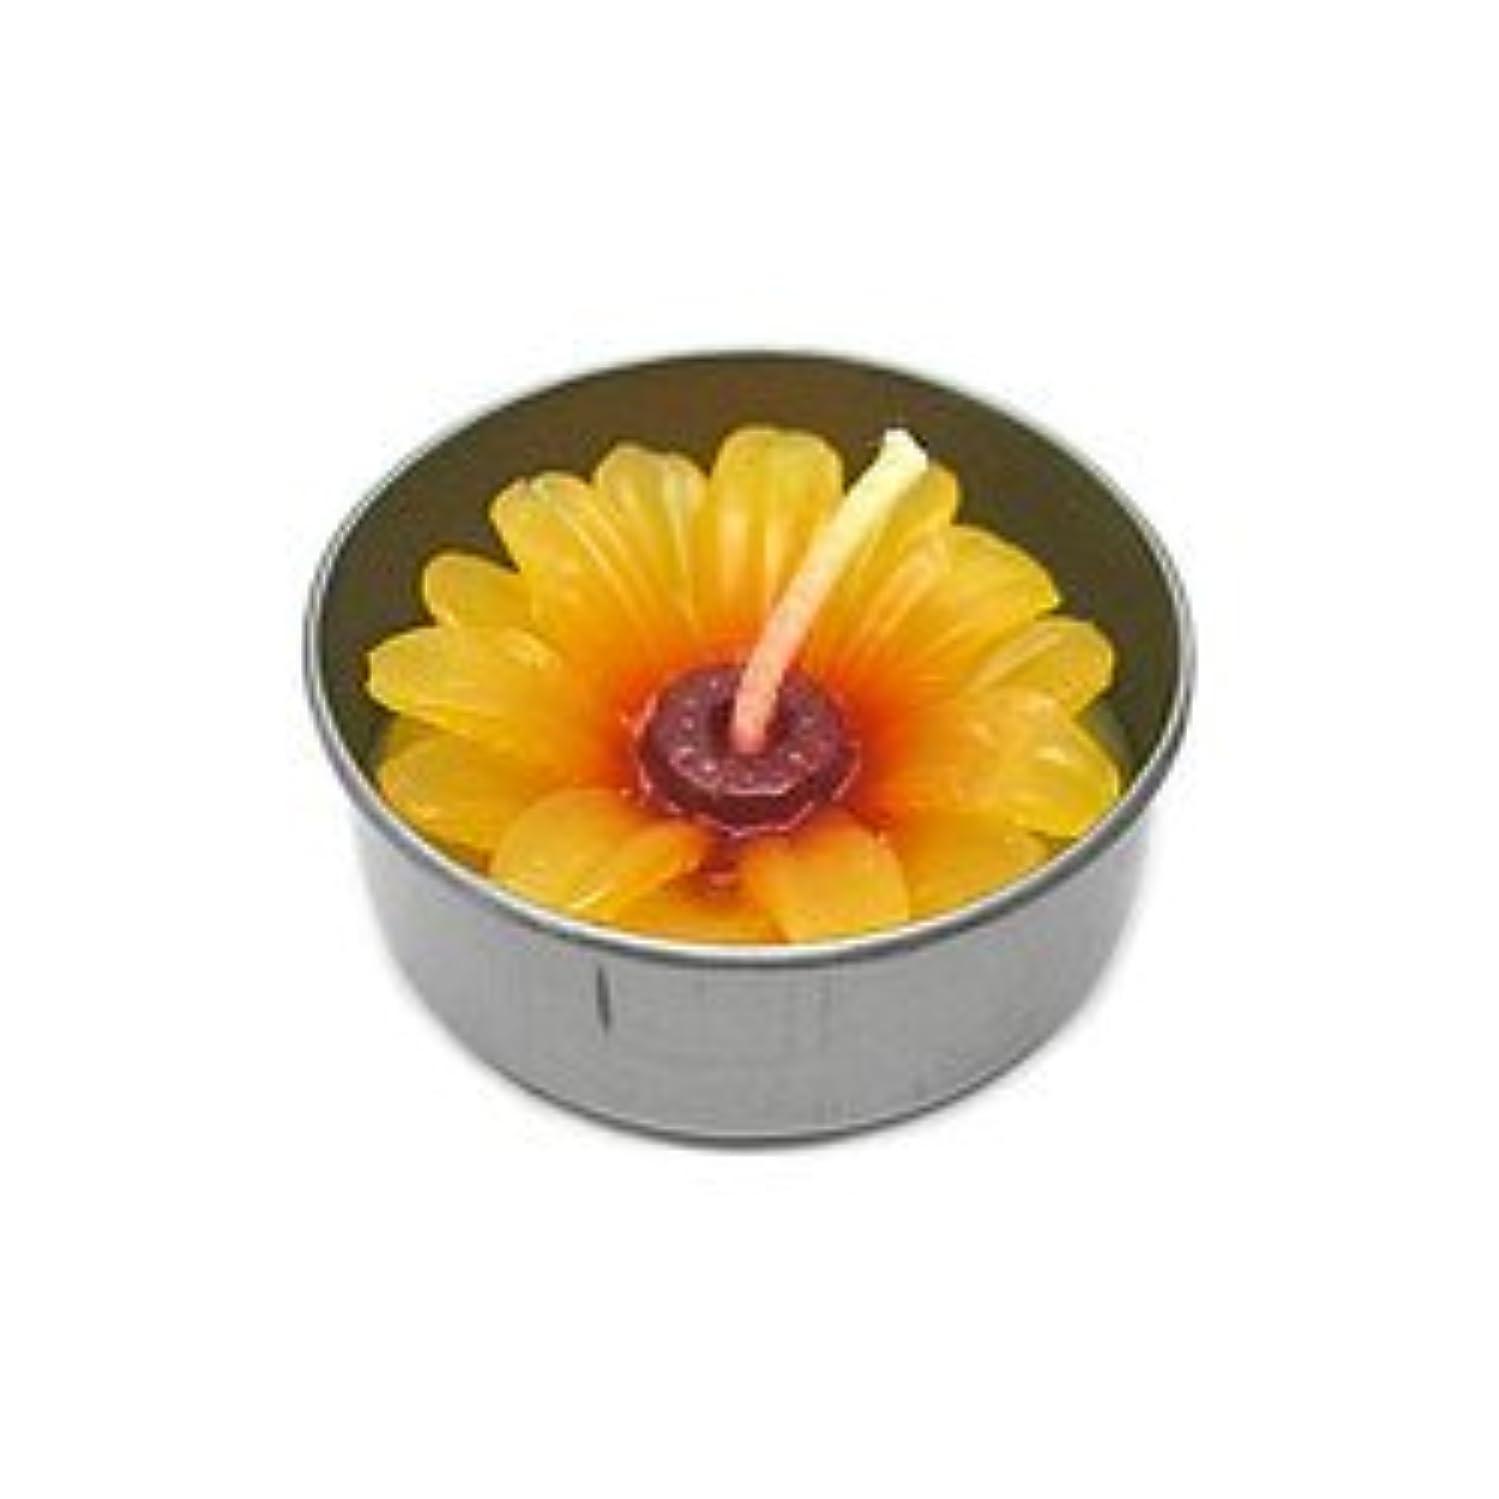 チャネル気づく晴れアロマキャンドル  ミニ お花 薄オレンジ 鉄の器入り 器直径4cm アジアン雑貨